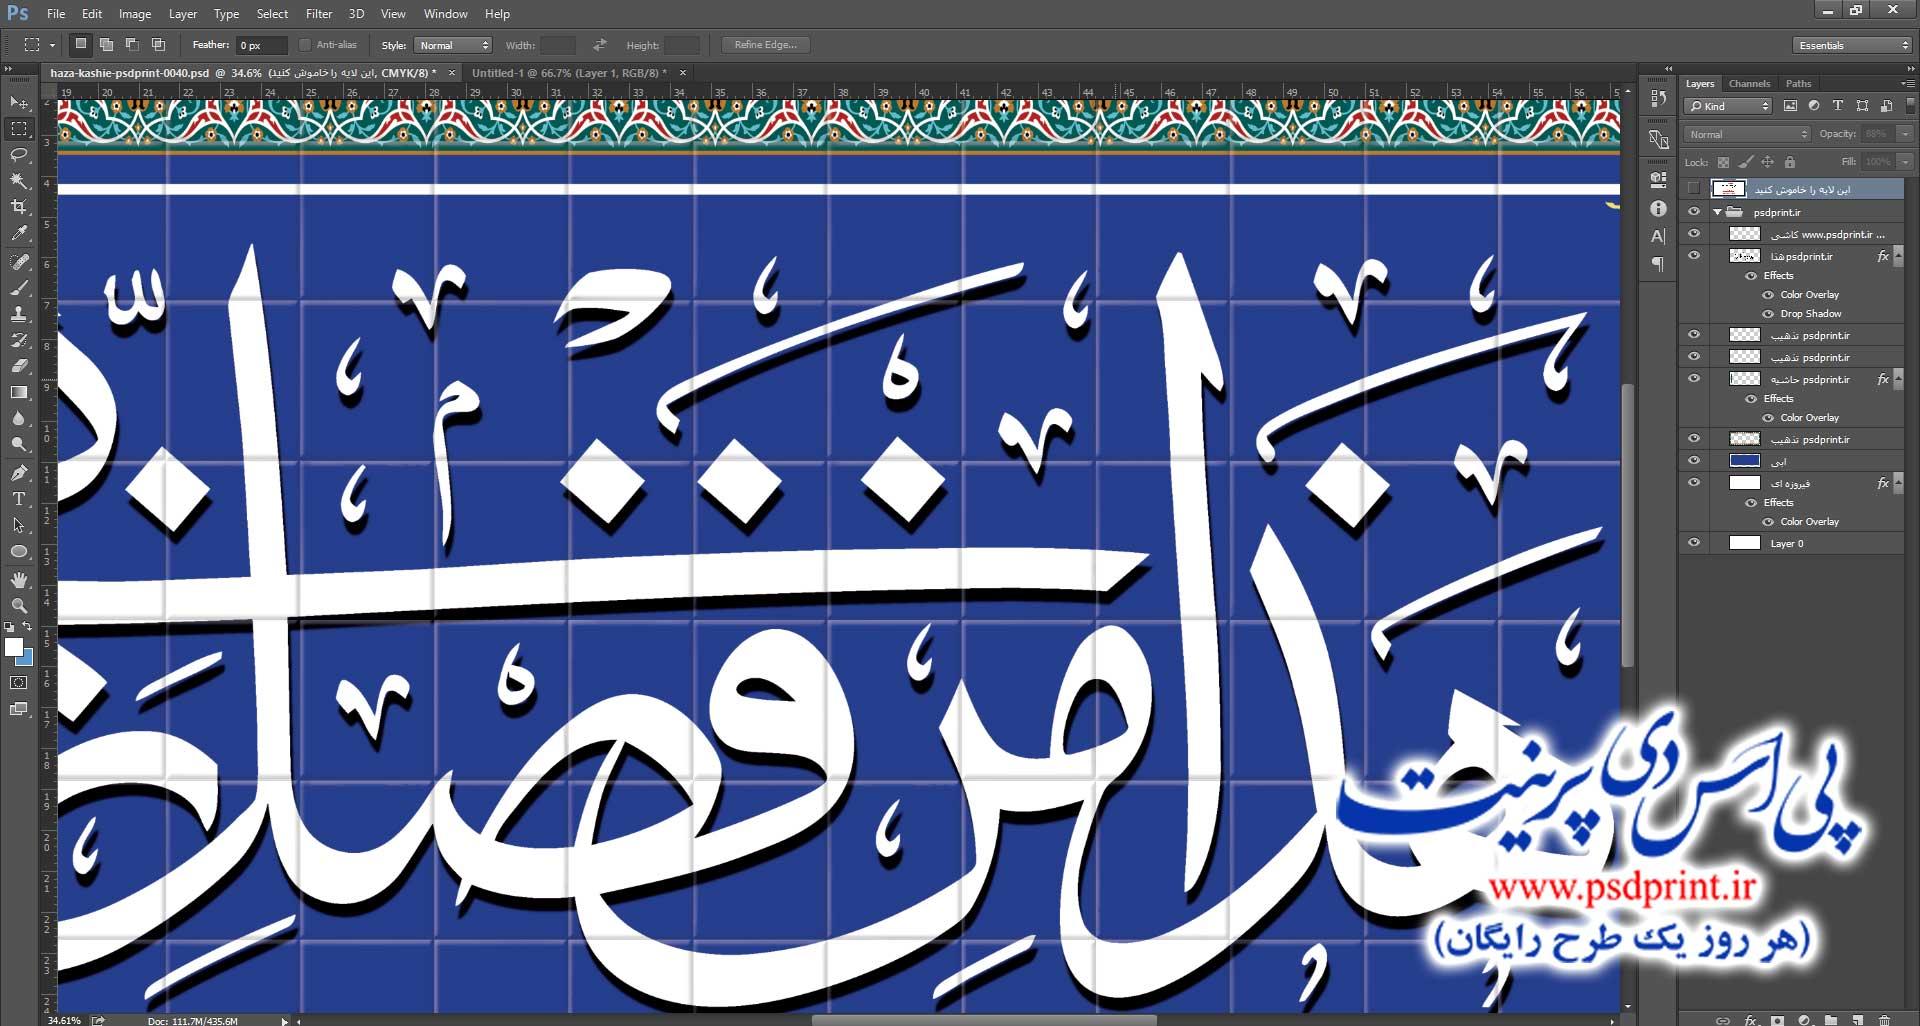 طرح کاشی کاری هذا من فضل ربی